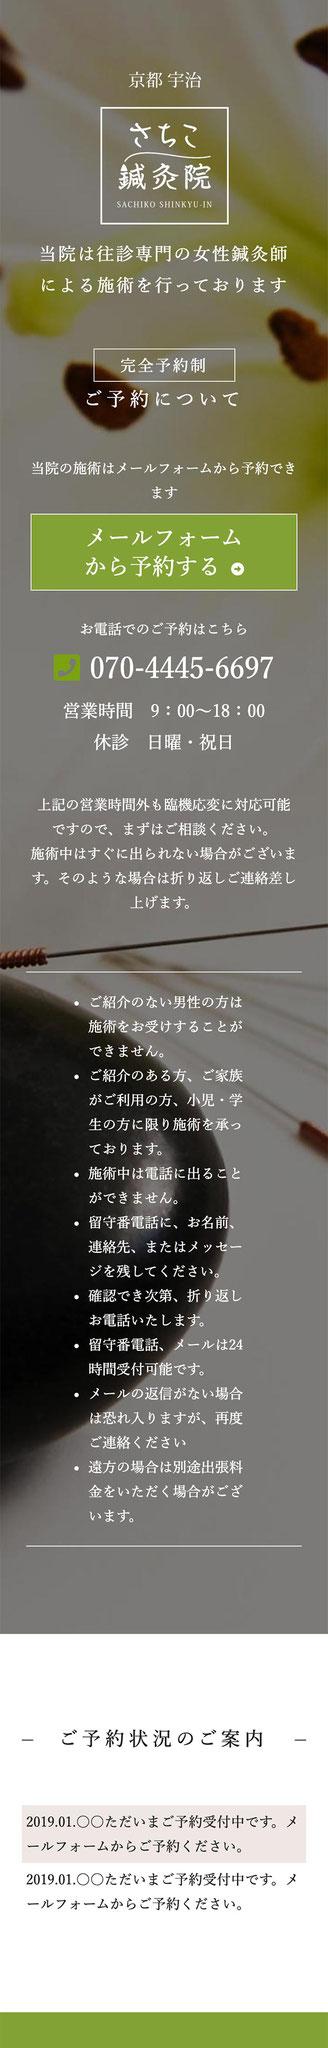 トップページのモバイル表示4